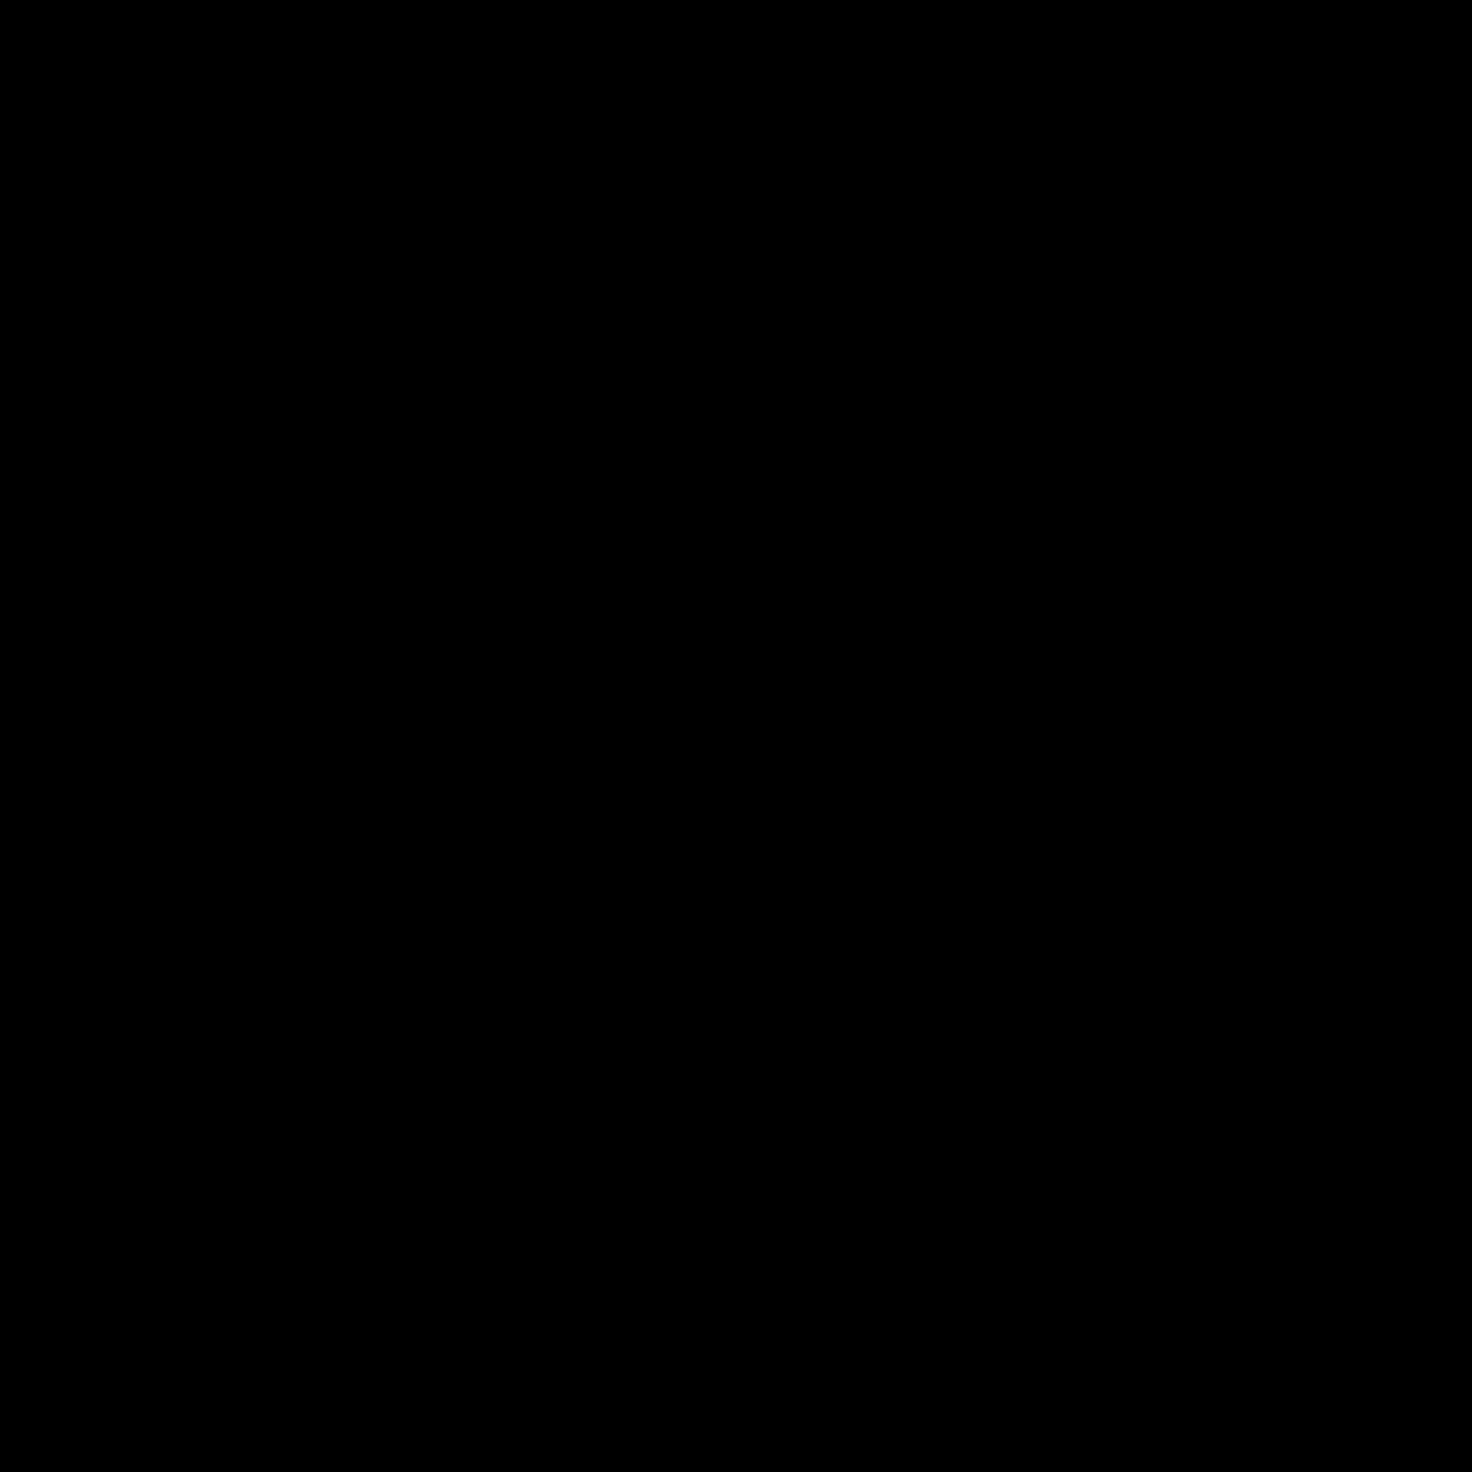 ироглиф